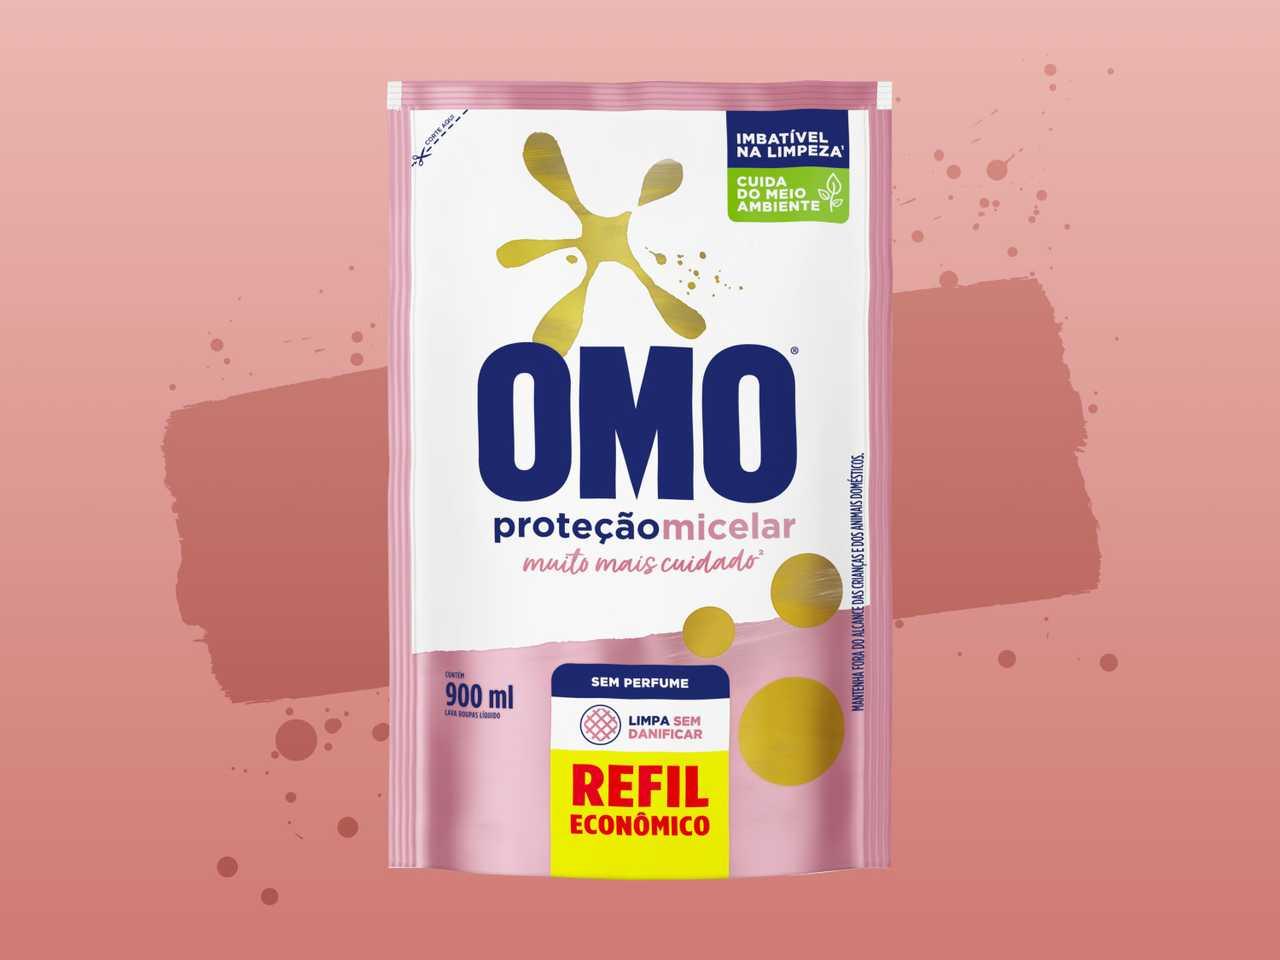 Sabão Líquido OMO Proteção Micelar banner de produto